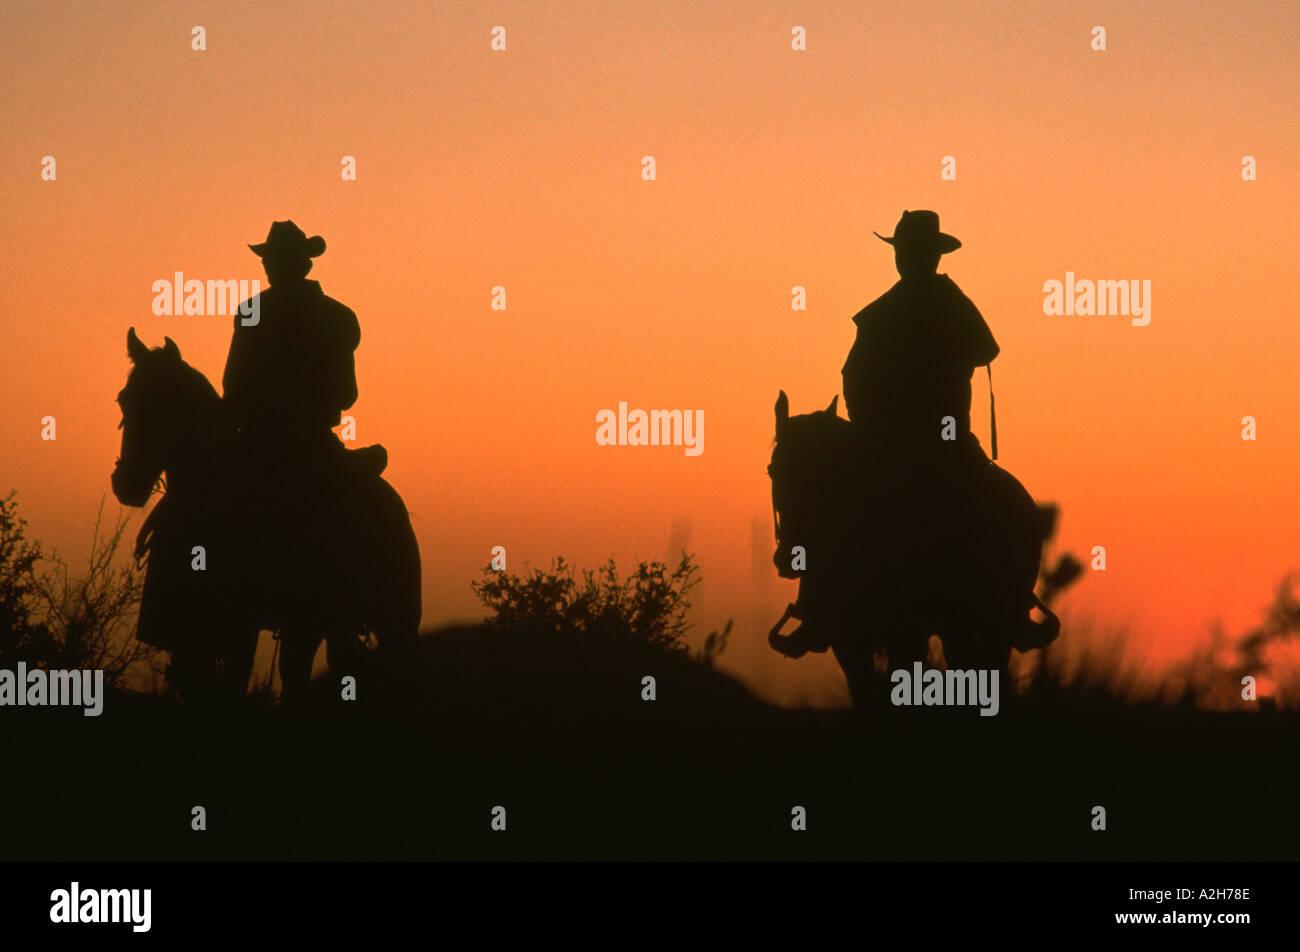 Cowboys at sunrise - Stock Image